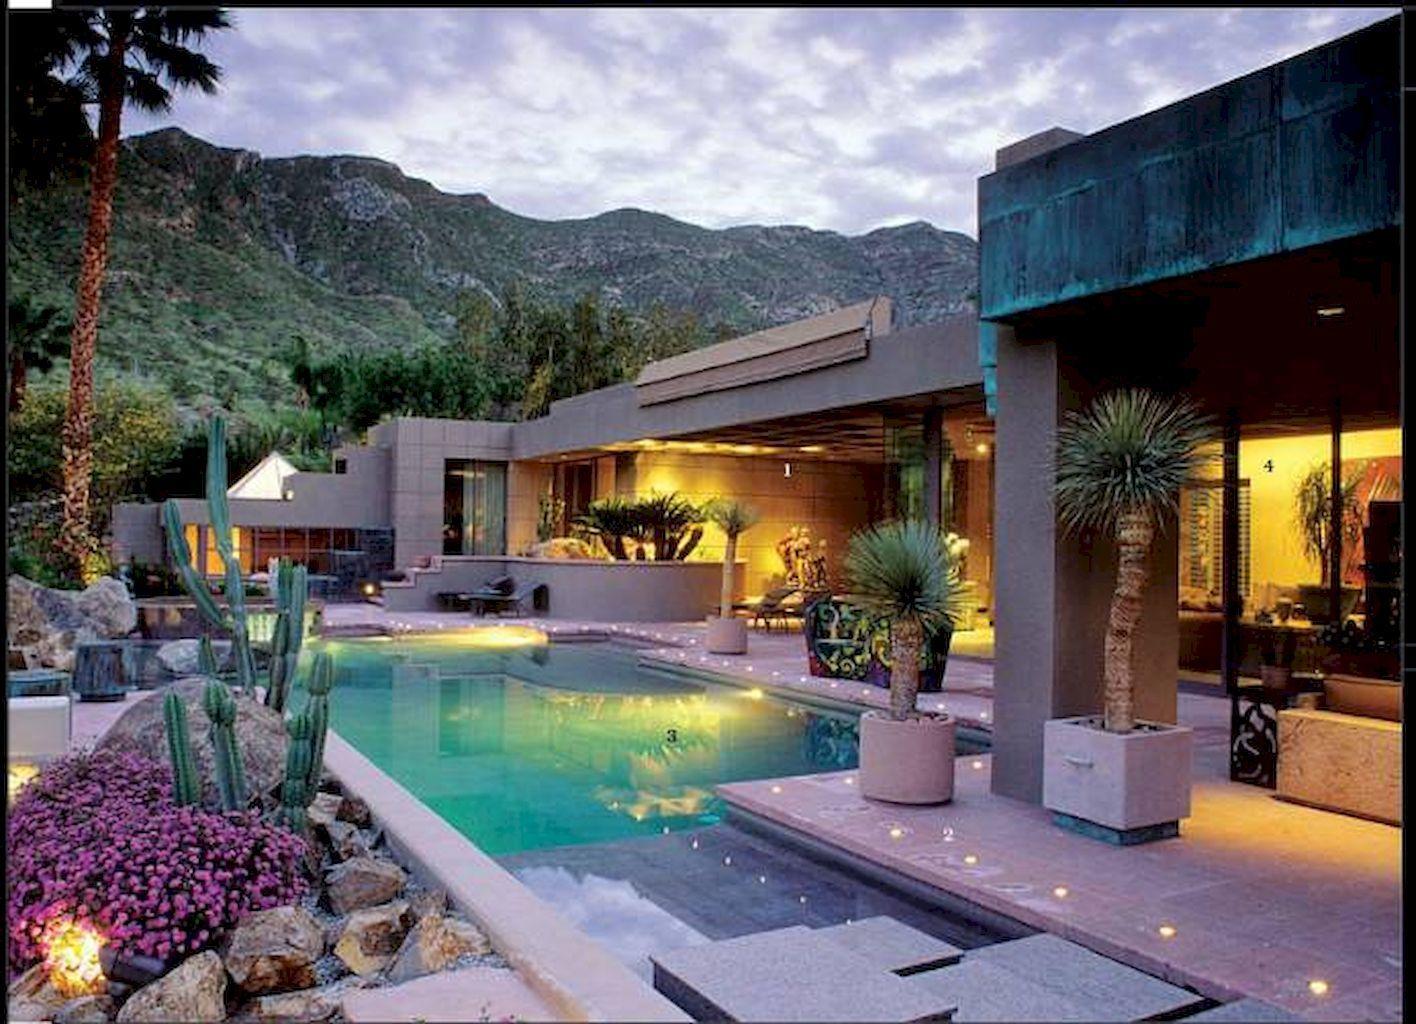 40 Beautiful Arizona Backyard Ideas On A Budget | Backyard ... on Backyard Desert Landscaping Ideas On A Budget id=63563